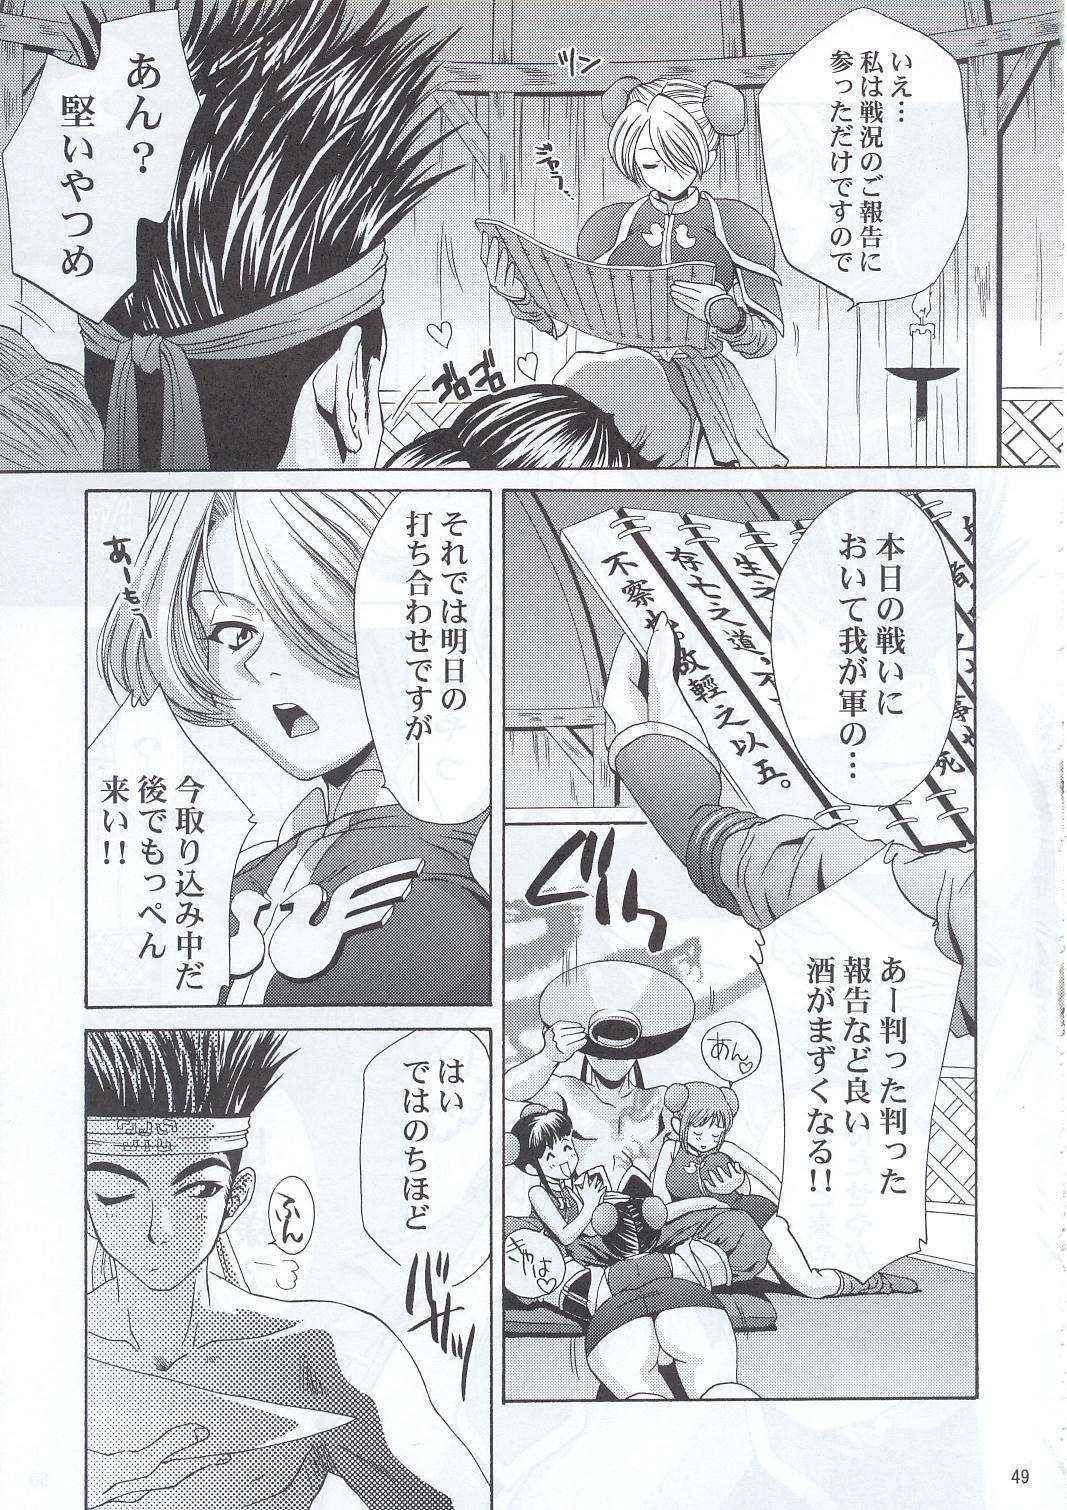 In Sangoku Musou 47